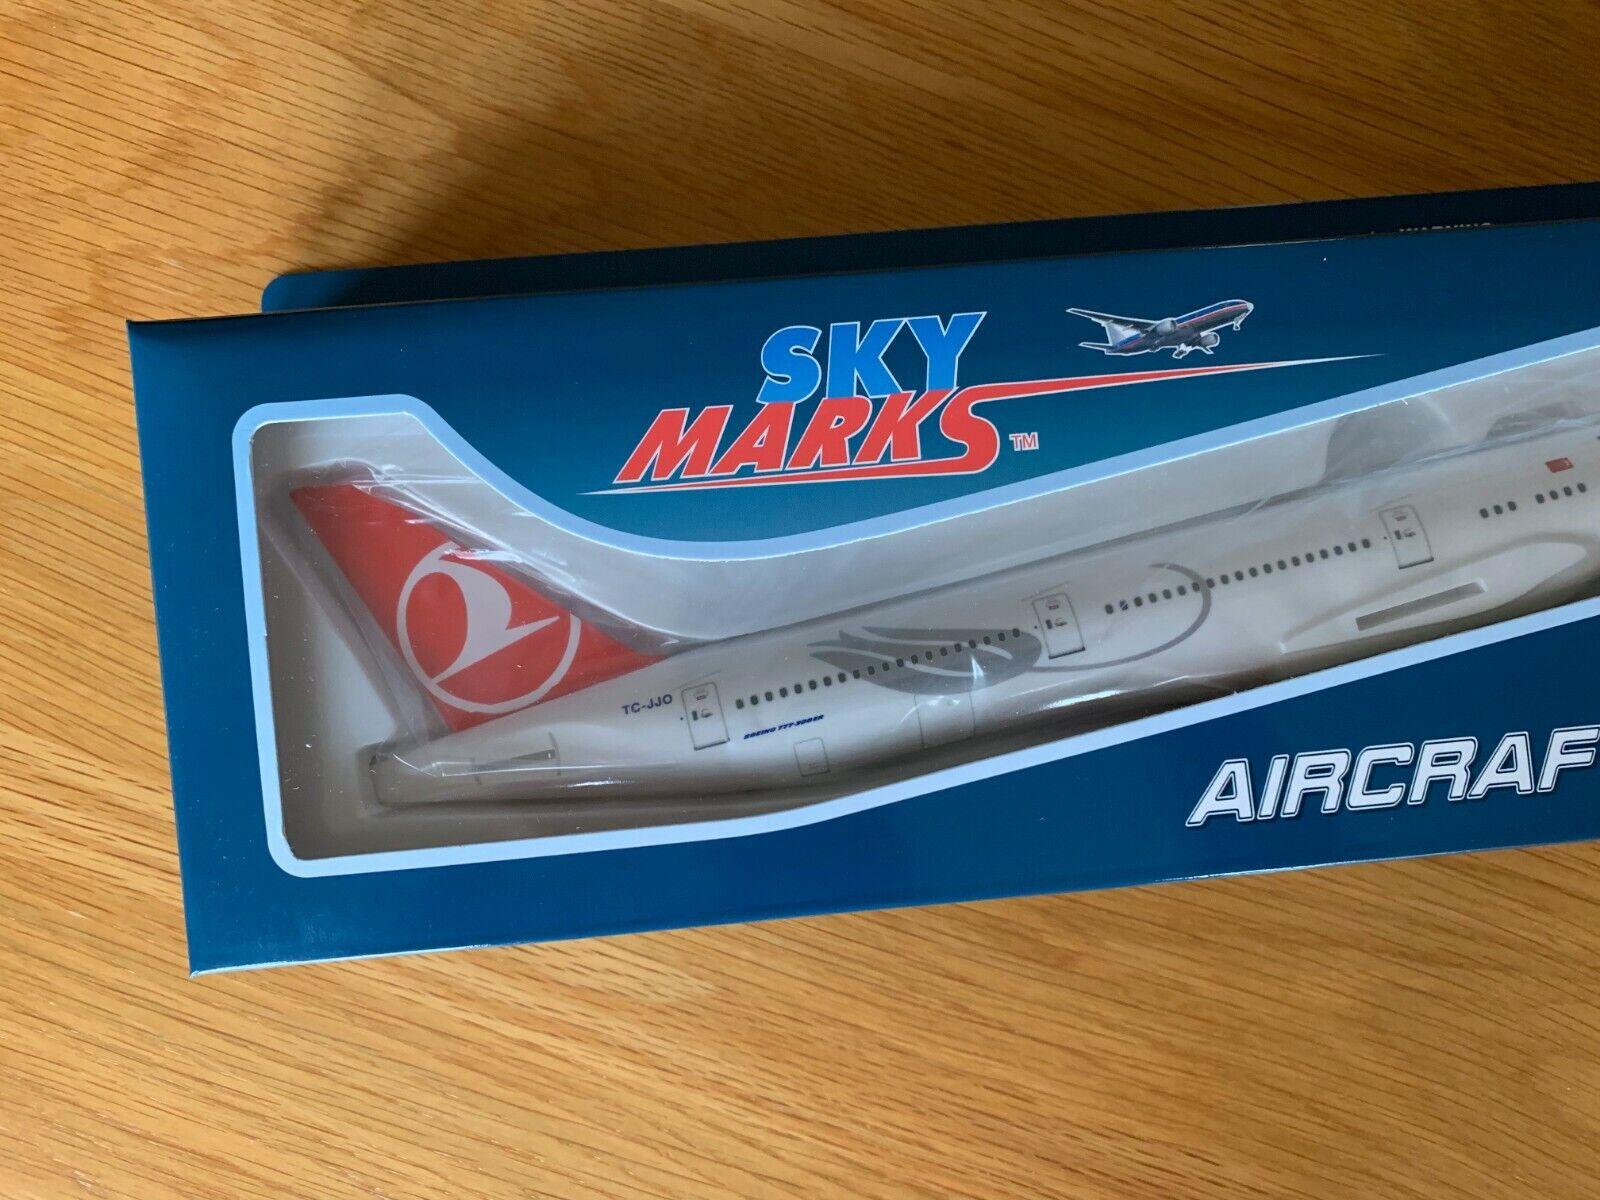 Türkisch Airlines Boeing Boeing Boeing 777-300er Groß Massiv Modell mit Fahrwerk Neu B777 b912d3